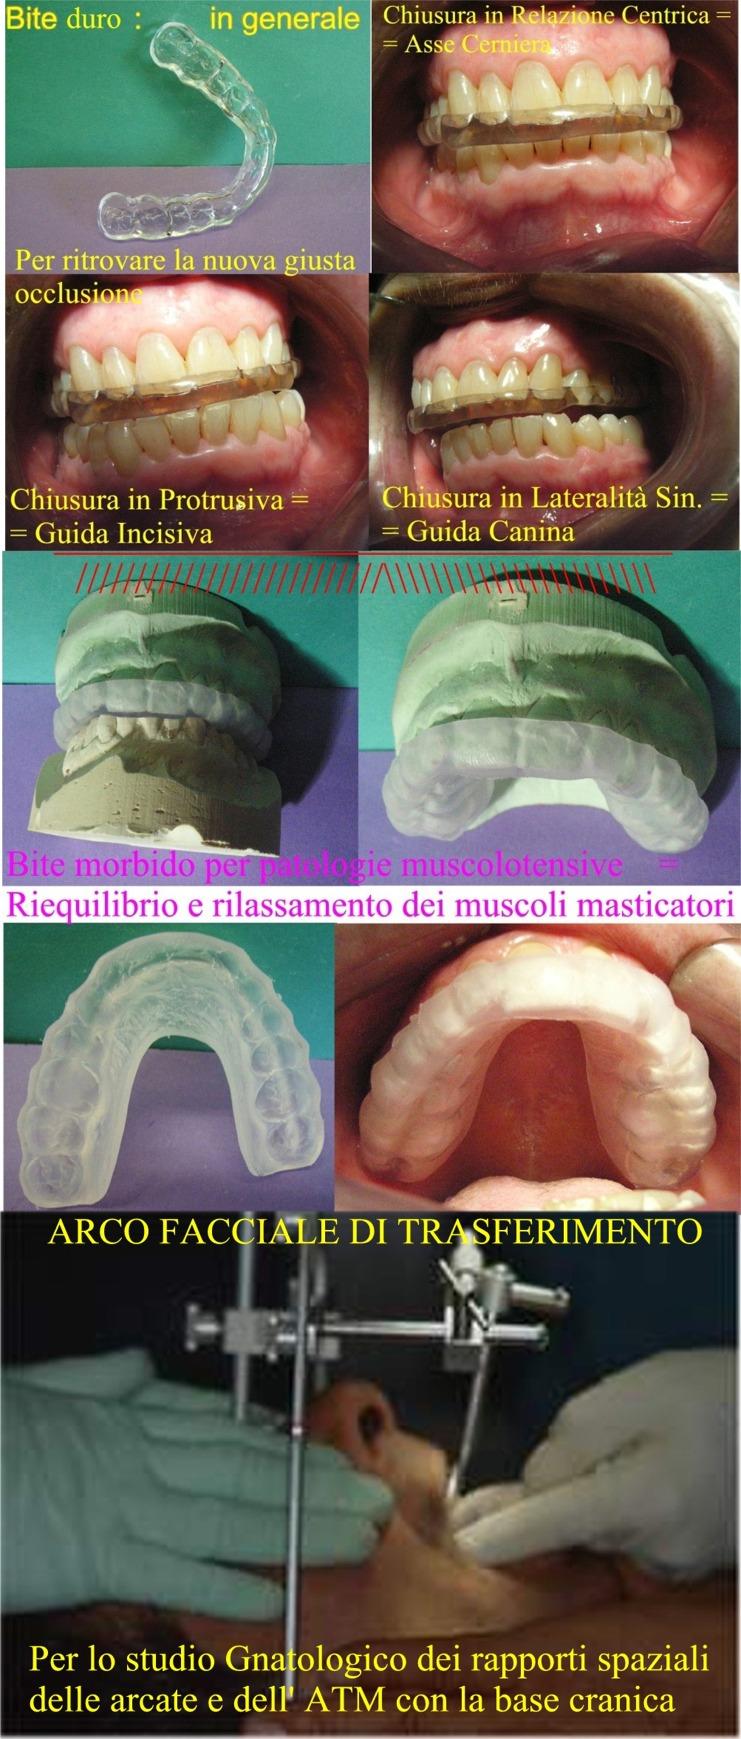 Diversi tipi di Bite ed Arco Facciale di Trasferimento per la posizione spaziale della base cranica e delle arcate dentarie. Da casistica Gnatologica del Dr. Gustavo Petti di Cagliari